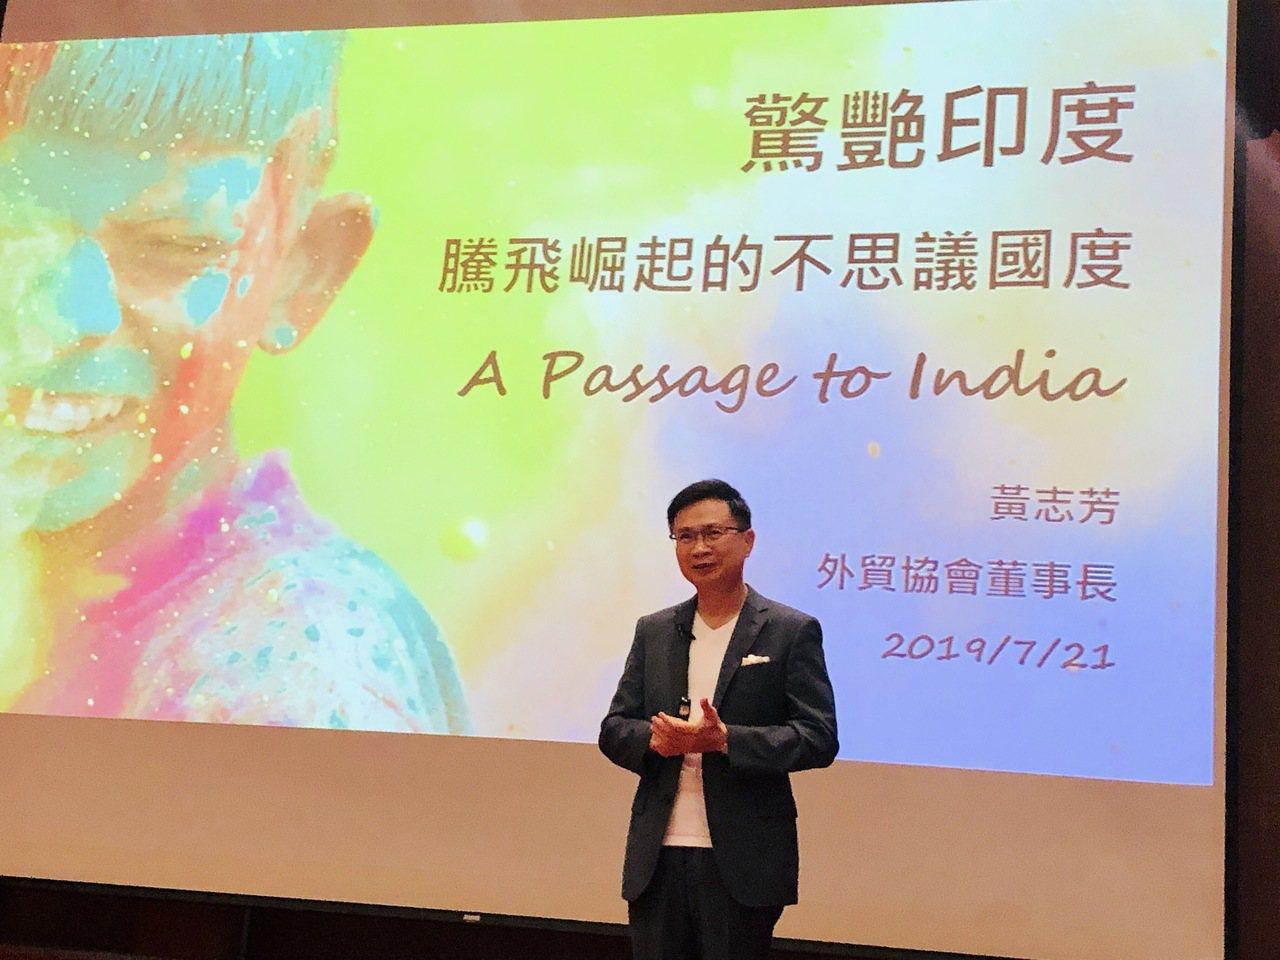 貿協董事長黃志芳董事長於國家圖書館演講分享印度經驗。貿協提供